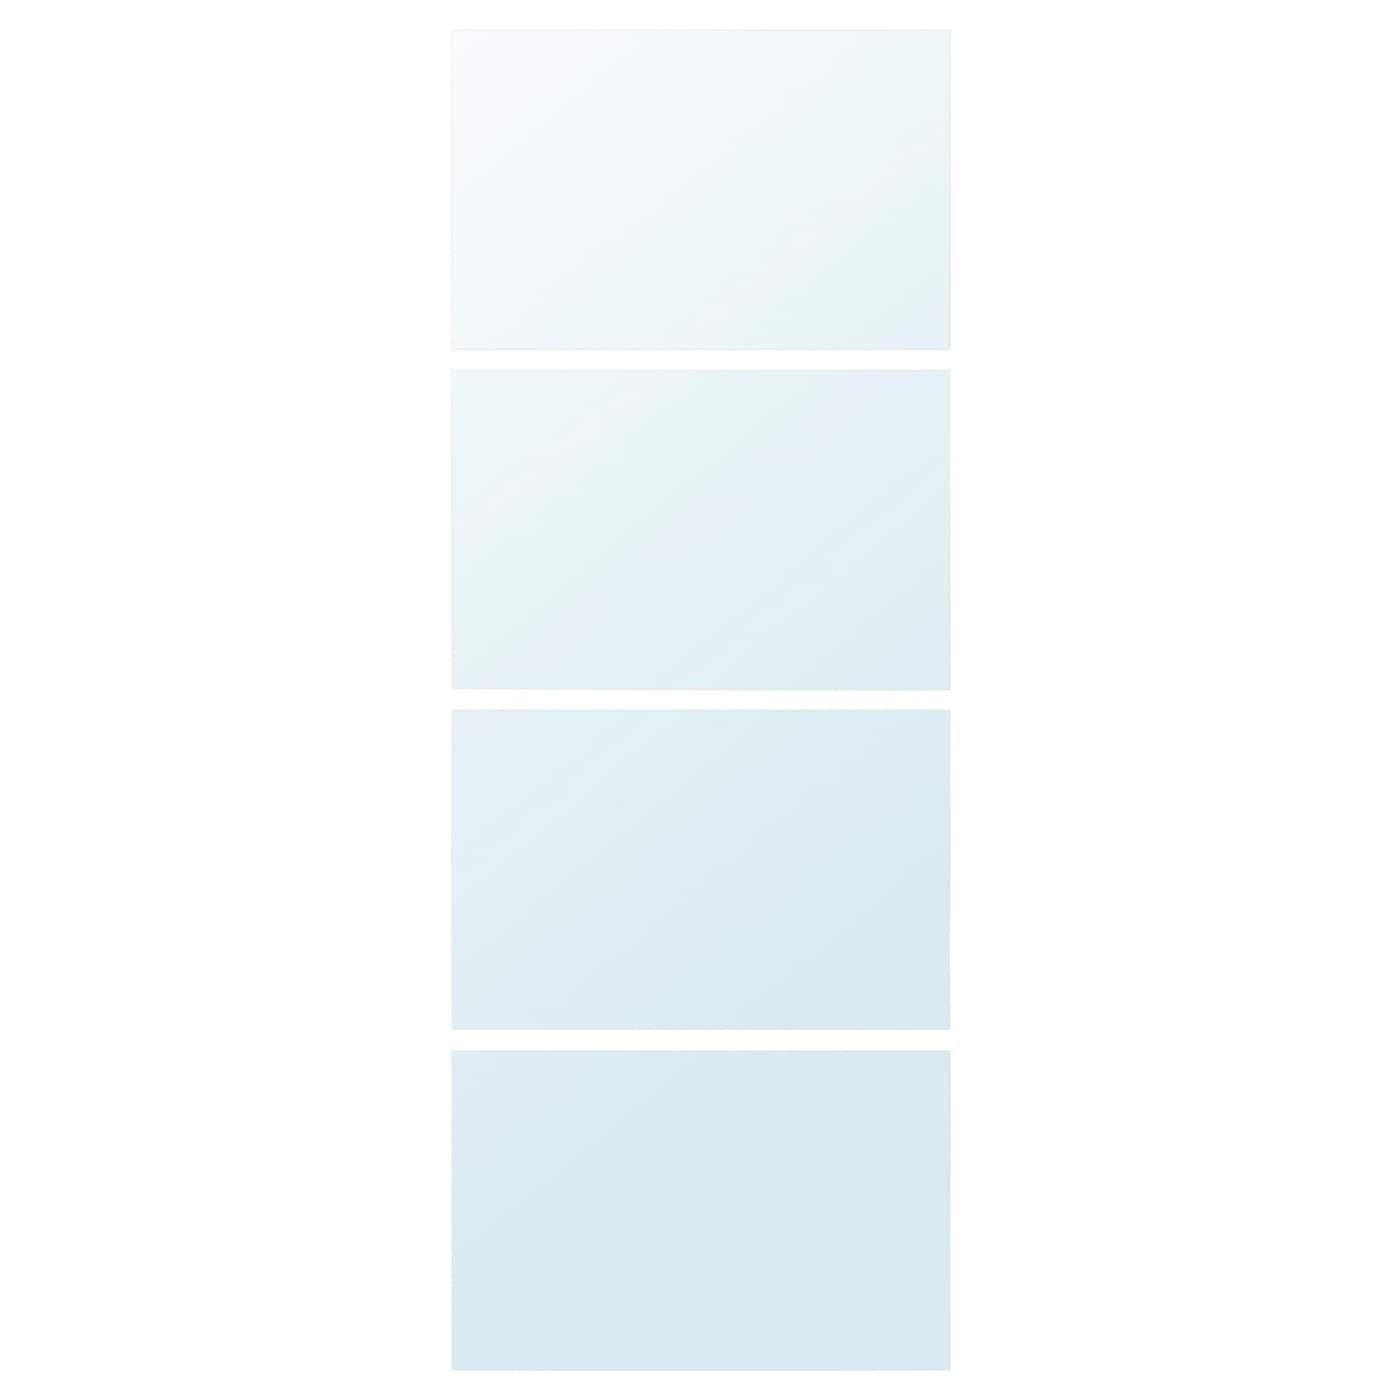 IKEA AULI 4 панели д/рамы раздвижной дверцы зеркальное стекло 75x201 см 602.112.74